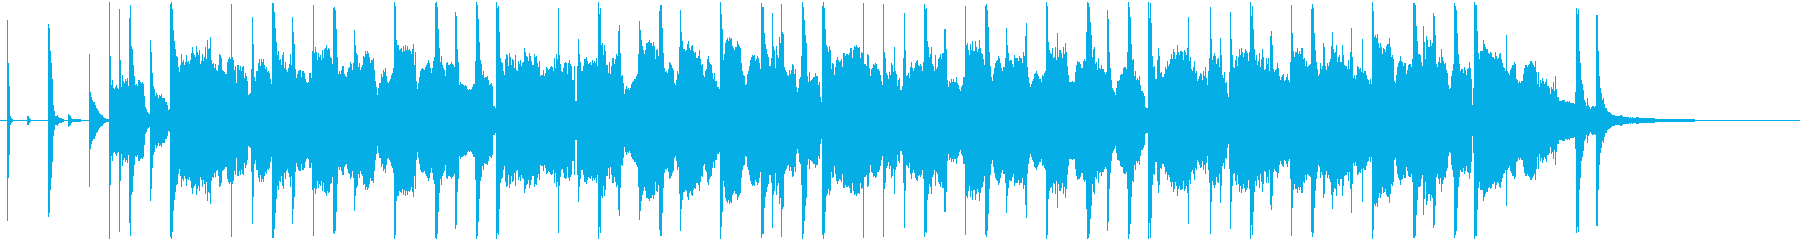 ベースラインがおしゃれなトラップBGMの再生済みの波形